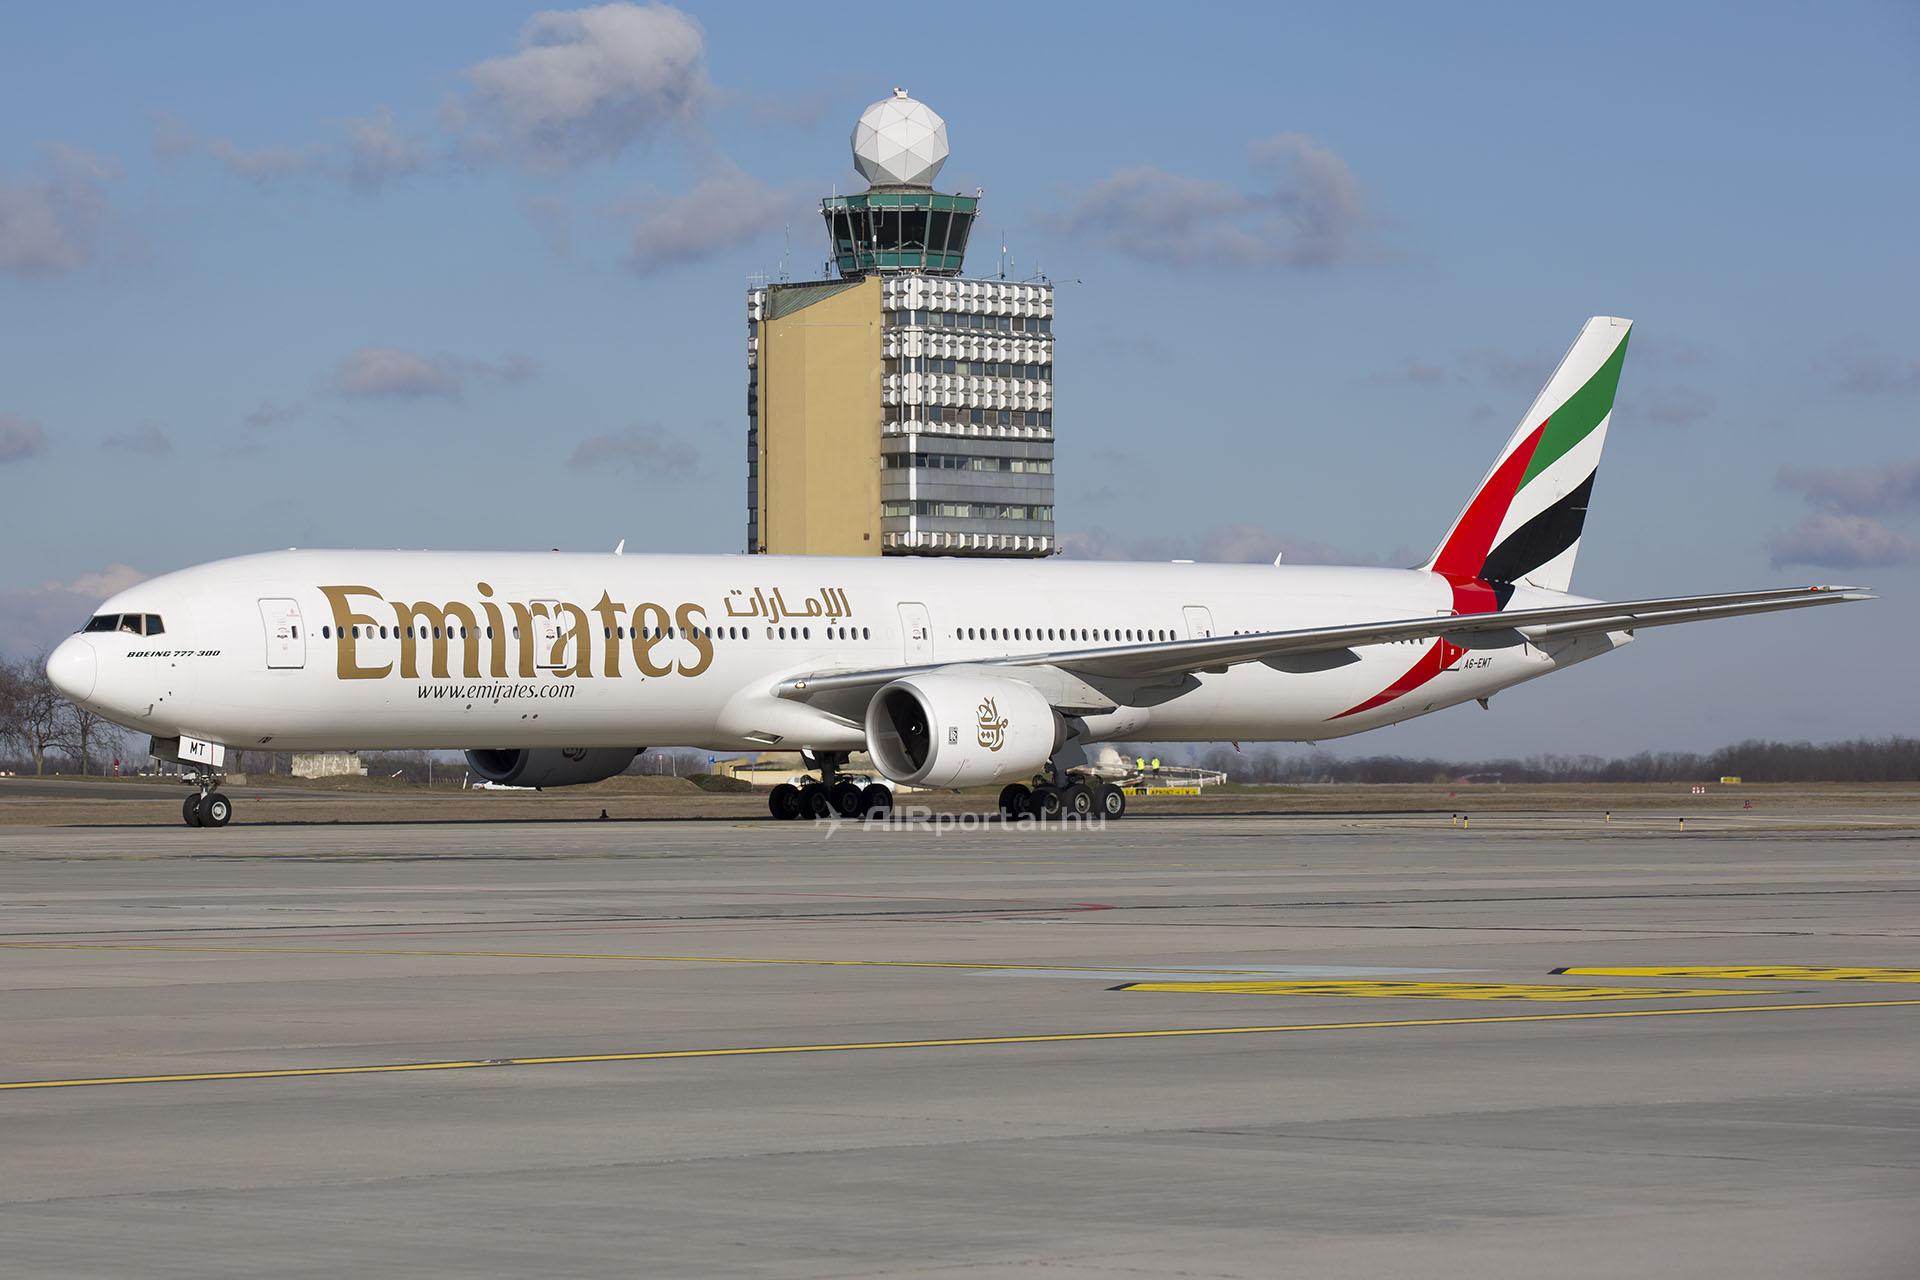 Lehet, hogy az Emirates pótolná ki a hiányzó Magyarország-USA légi összeköttetést? (Fotó: AIRportal.hu) | © AIRportal.hu